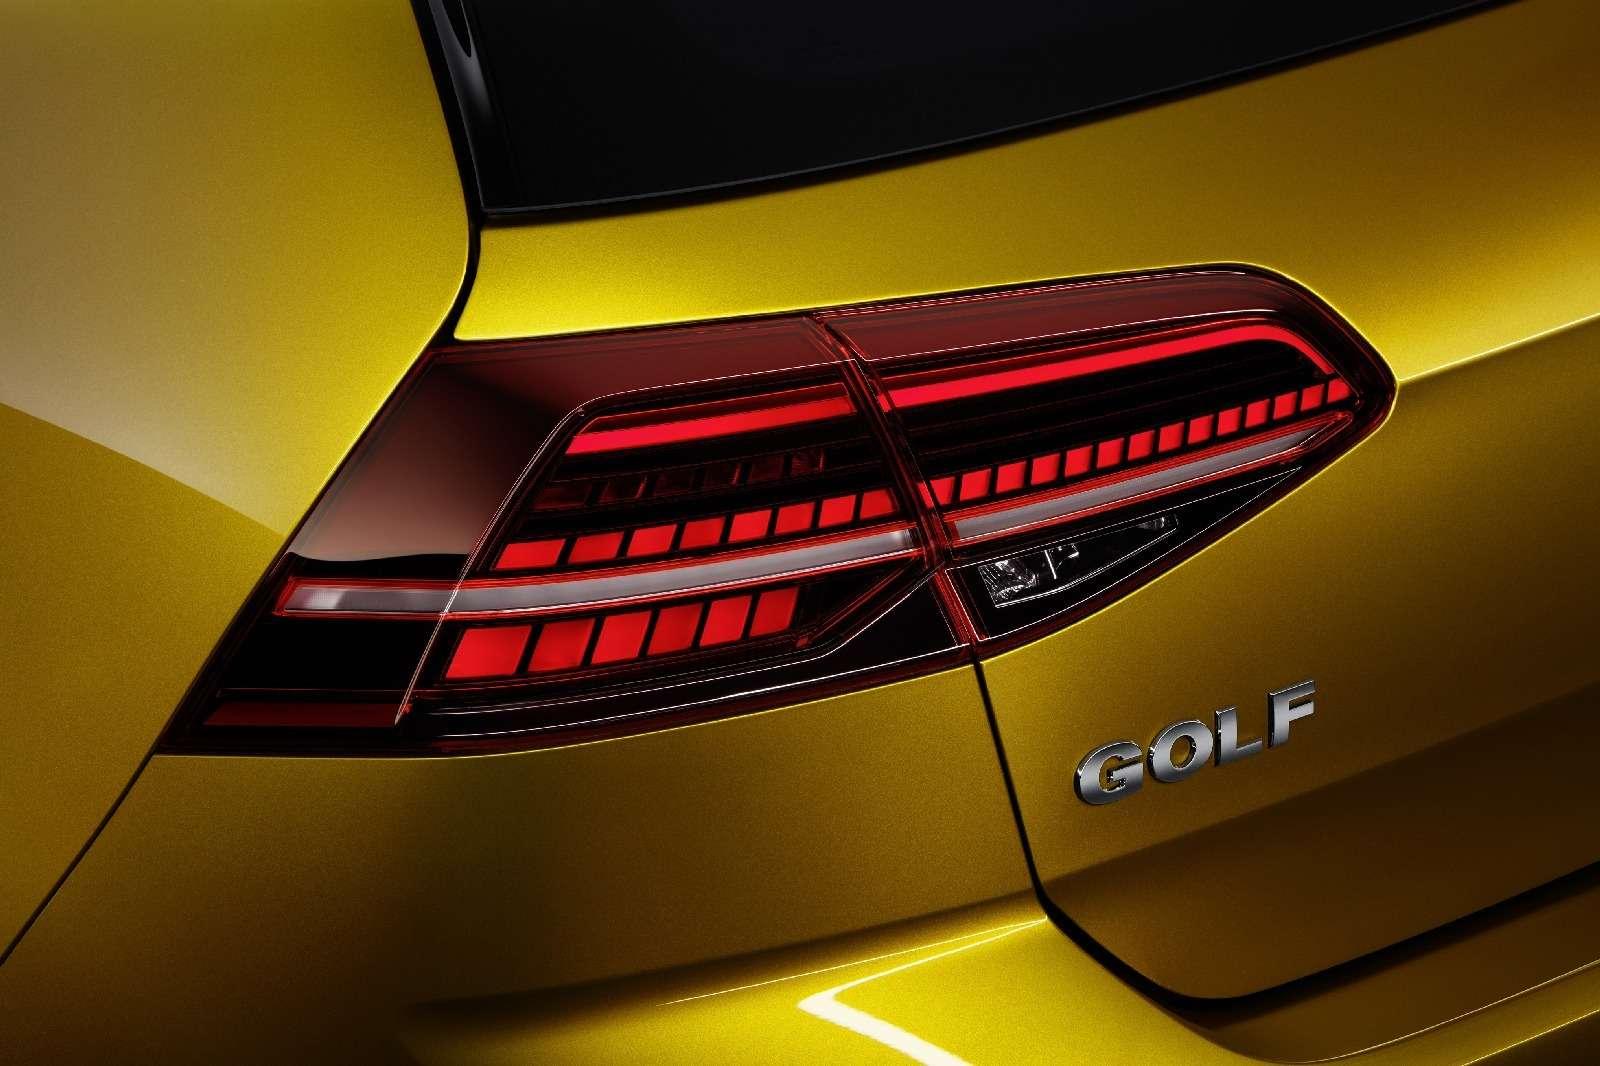 Дальнейшая оцифровка: Volkswagen представил обновленный Golf— фото 661707